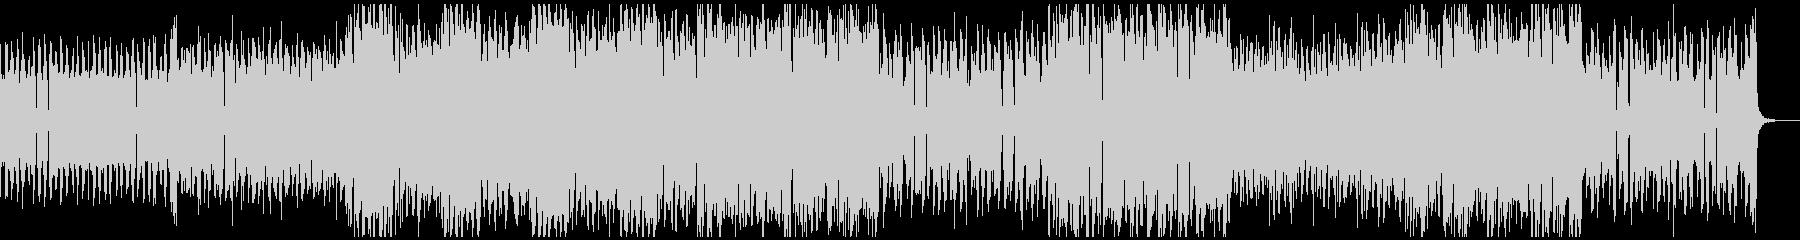 アグレッシブな低音が響くダークテクノの未再生の波形